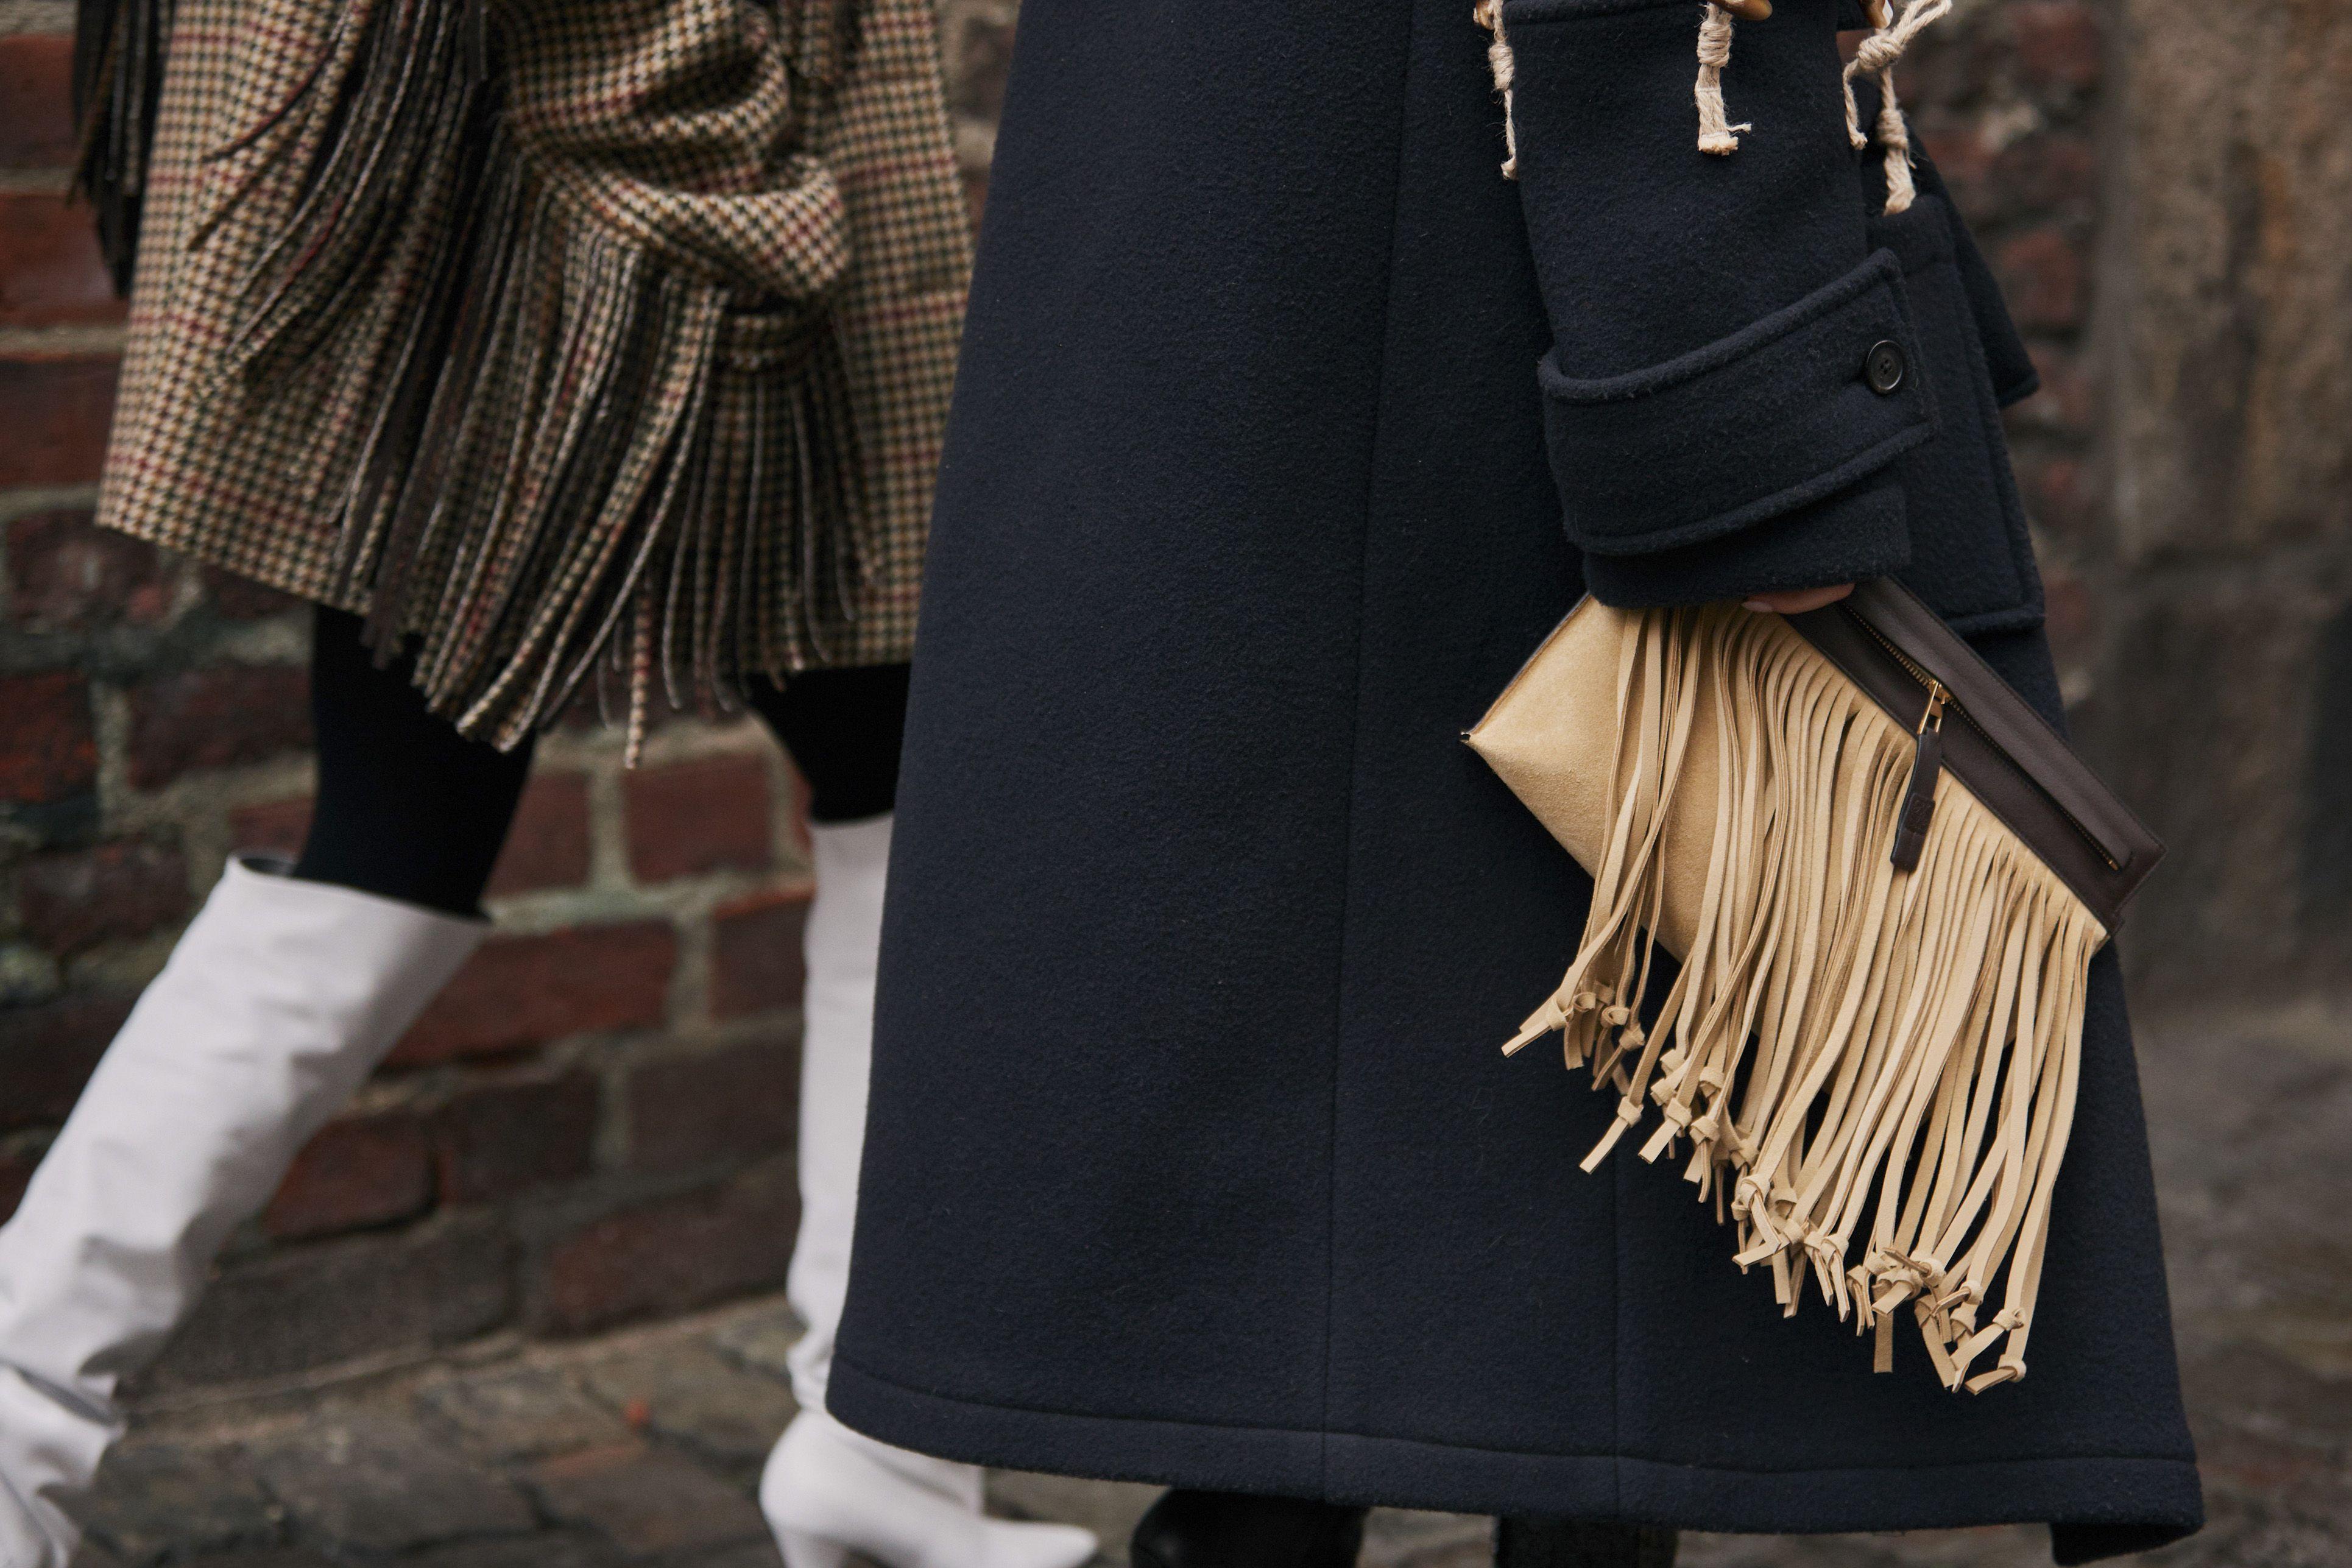 Si può trovare un buon cappotto invernale spendendo al max 150 euro?